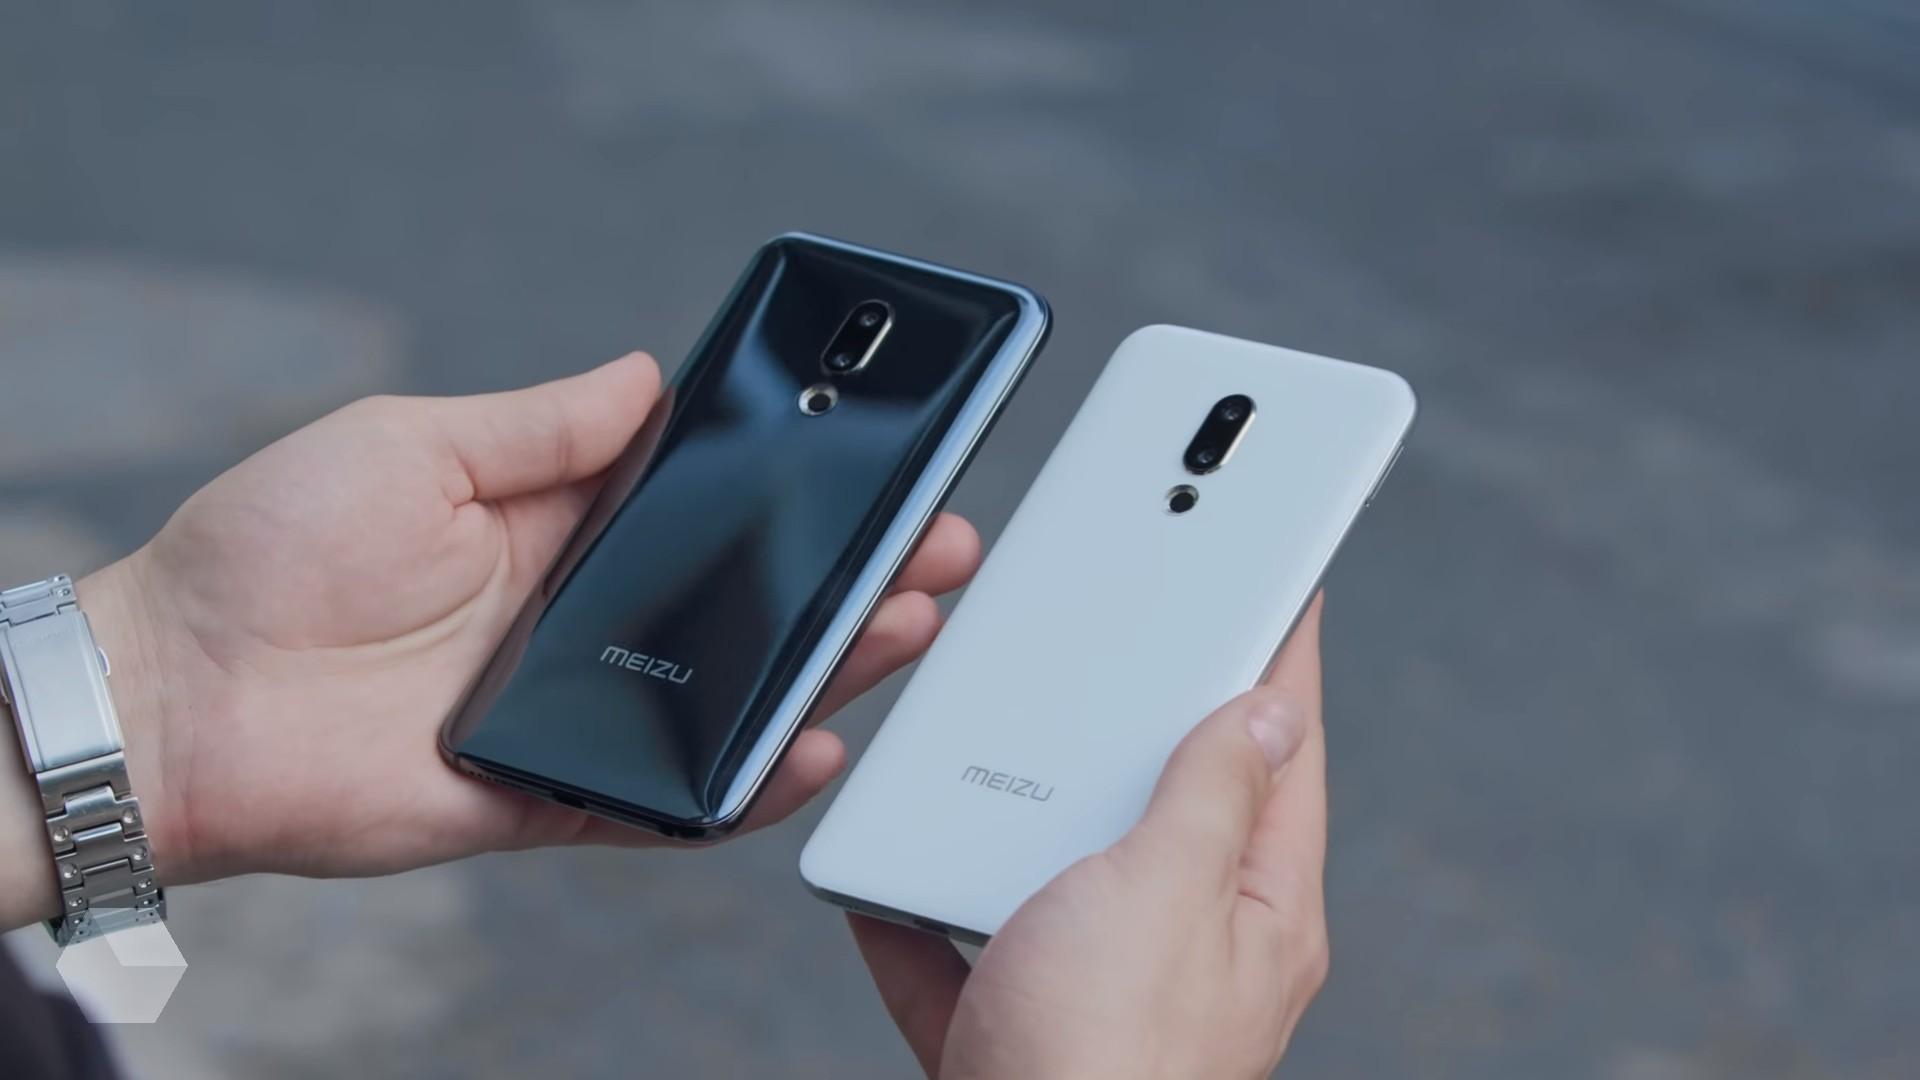 Meizu 8X впервые среди устройств бренда получит вырез в экране